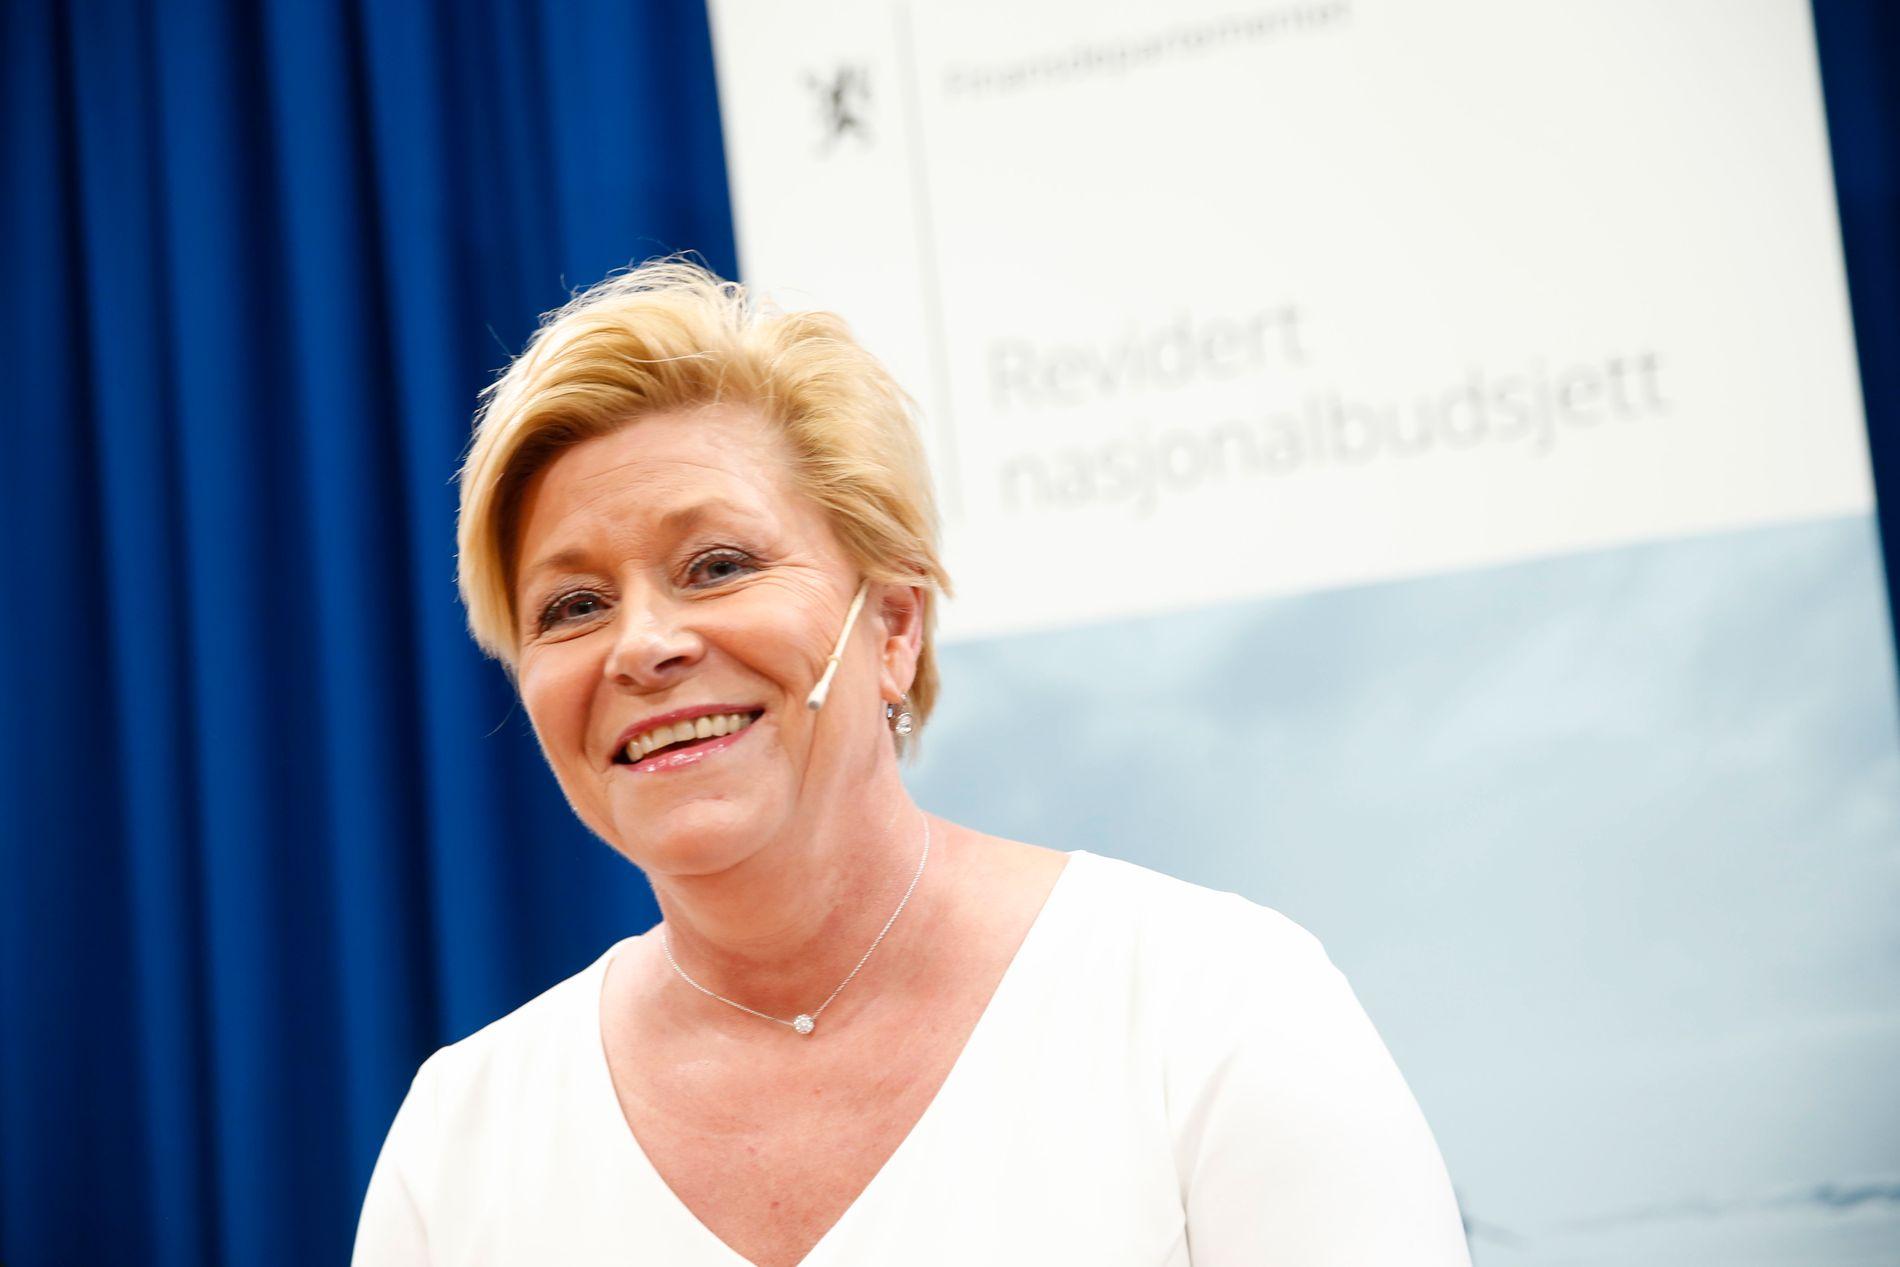 Finansminister Siv Jensen ba kritikerne lese grundig analysene og vurderingene som ligger til grunn for finanspolitikken. Foto: Stian Lysberg Solum / NTB scanpix